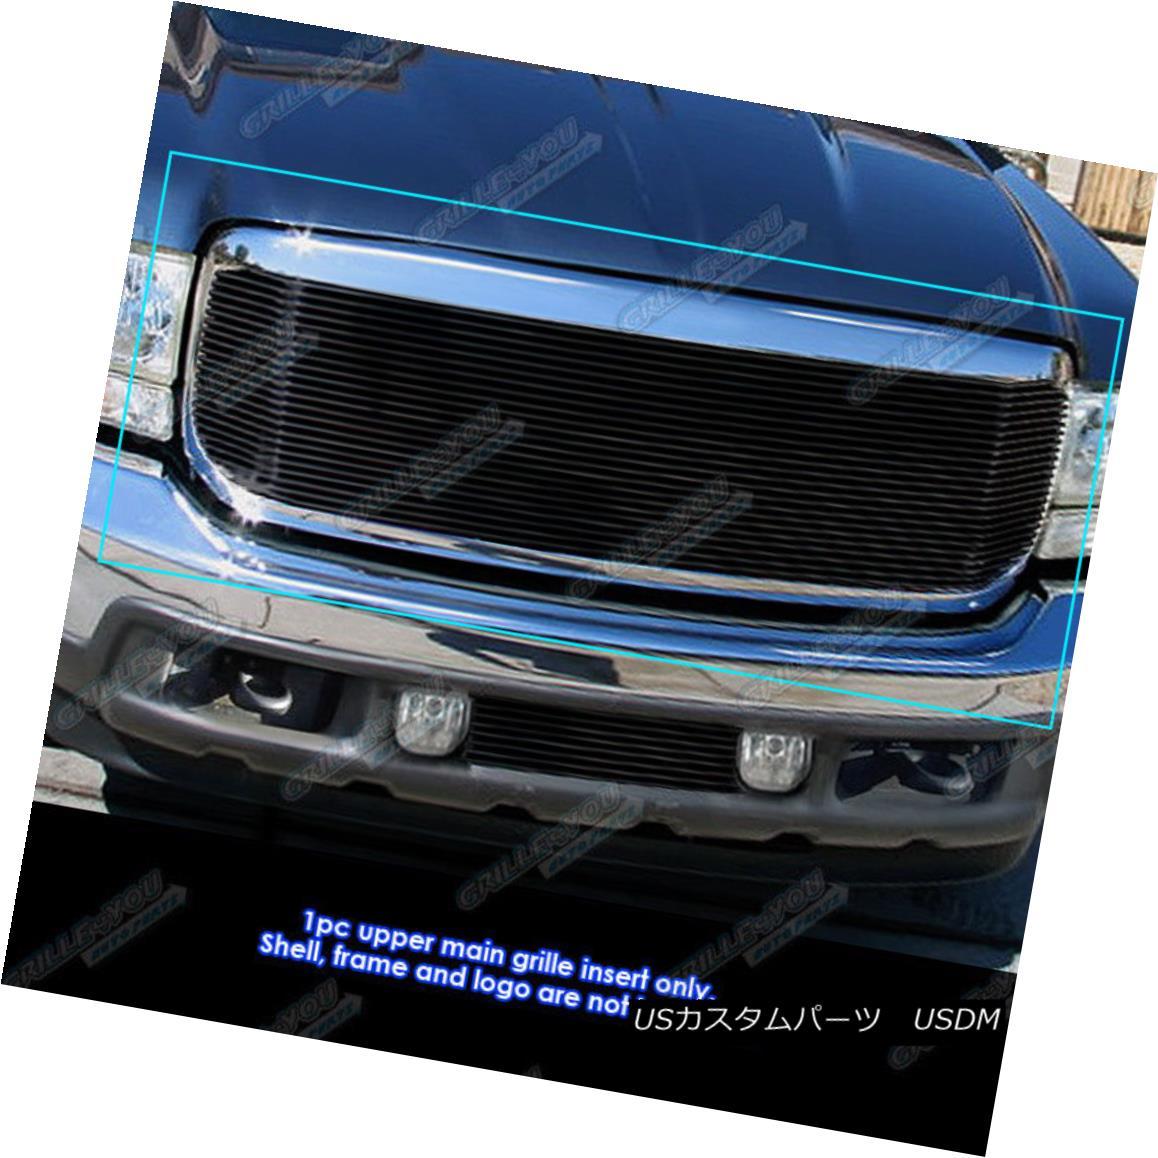 グリル For 99-04 Ford F250/F350 Super Duty/Excursion Black Billet Grille Grill Insert 99-04用Ford F250 / F350スーパーデューティ/エクスカーションブラックビレットグリルグリルインサート